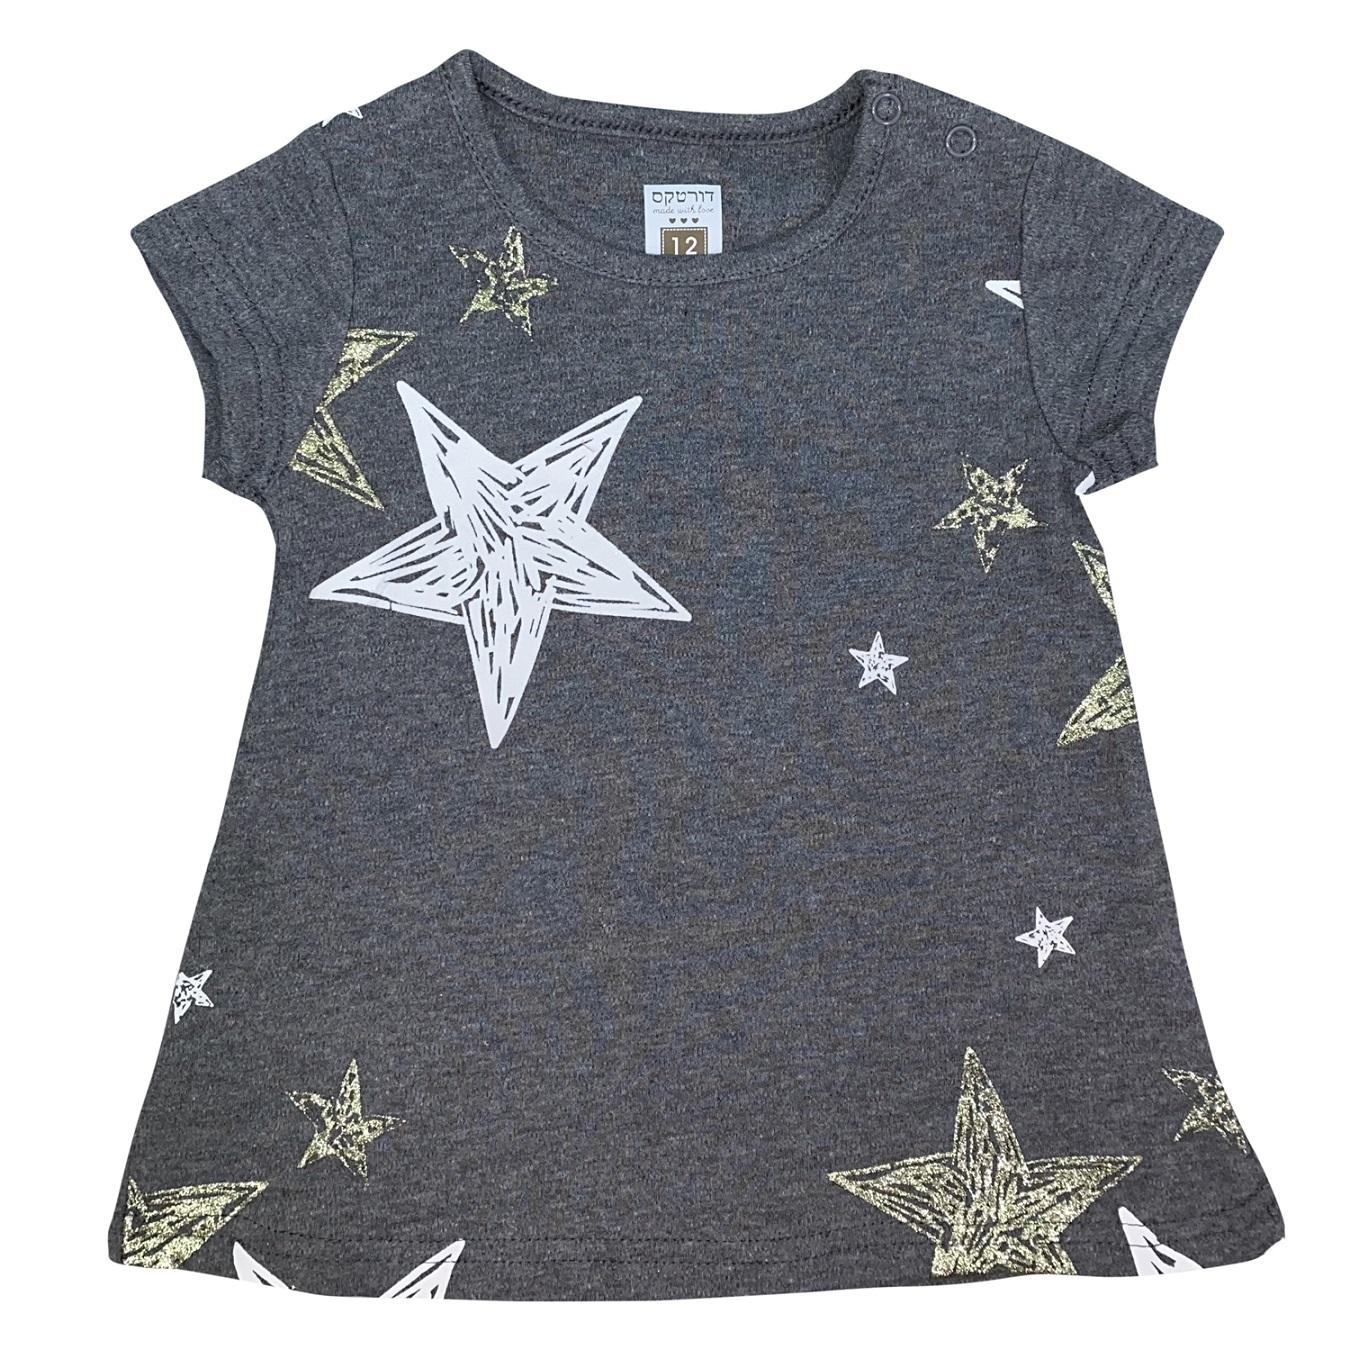 שמלה כוכבים אפור מלאנג' כהה